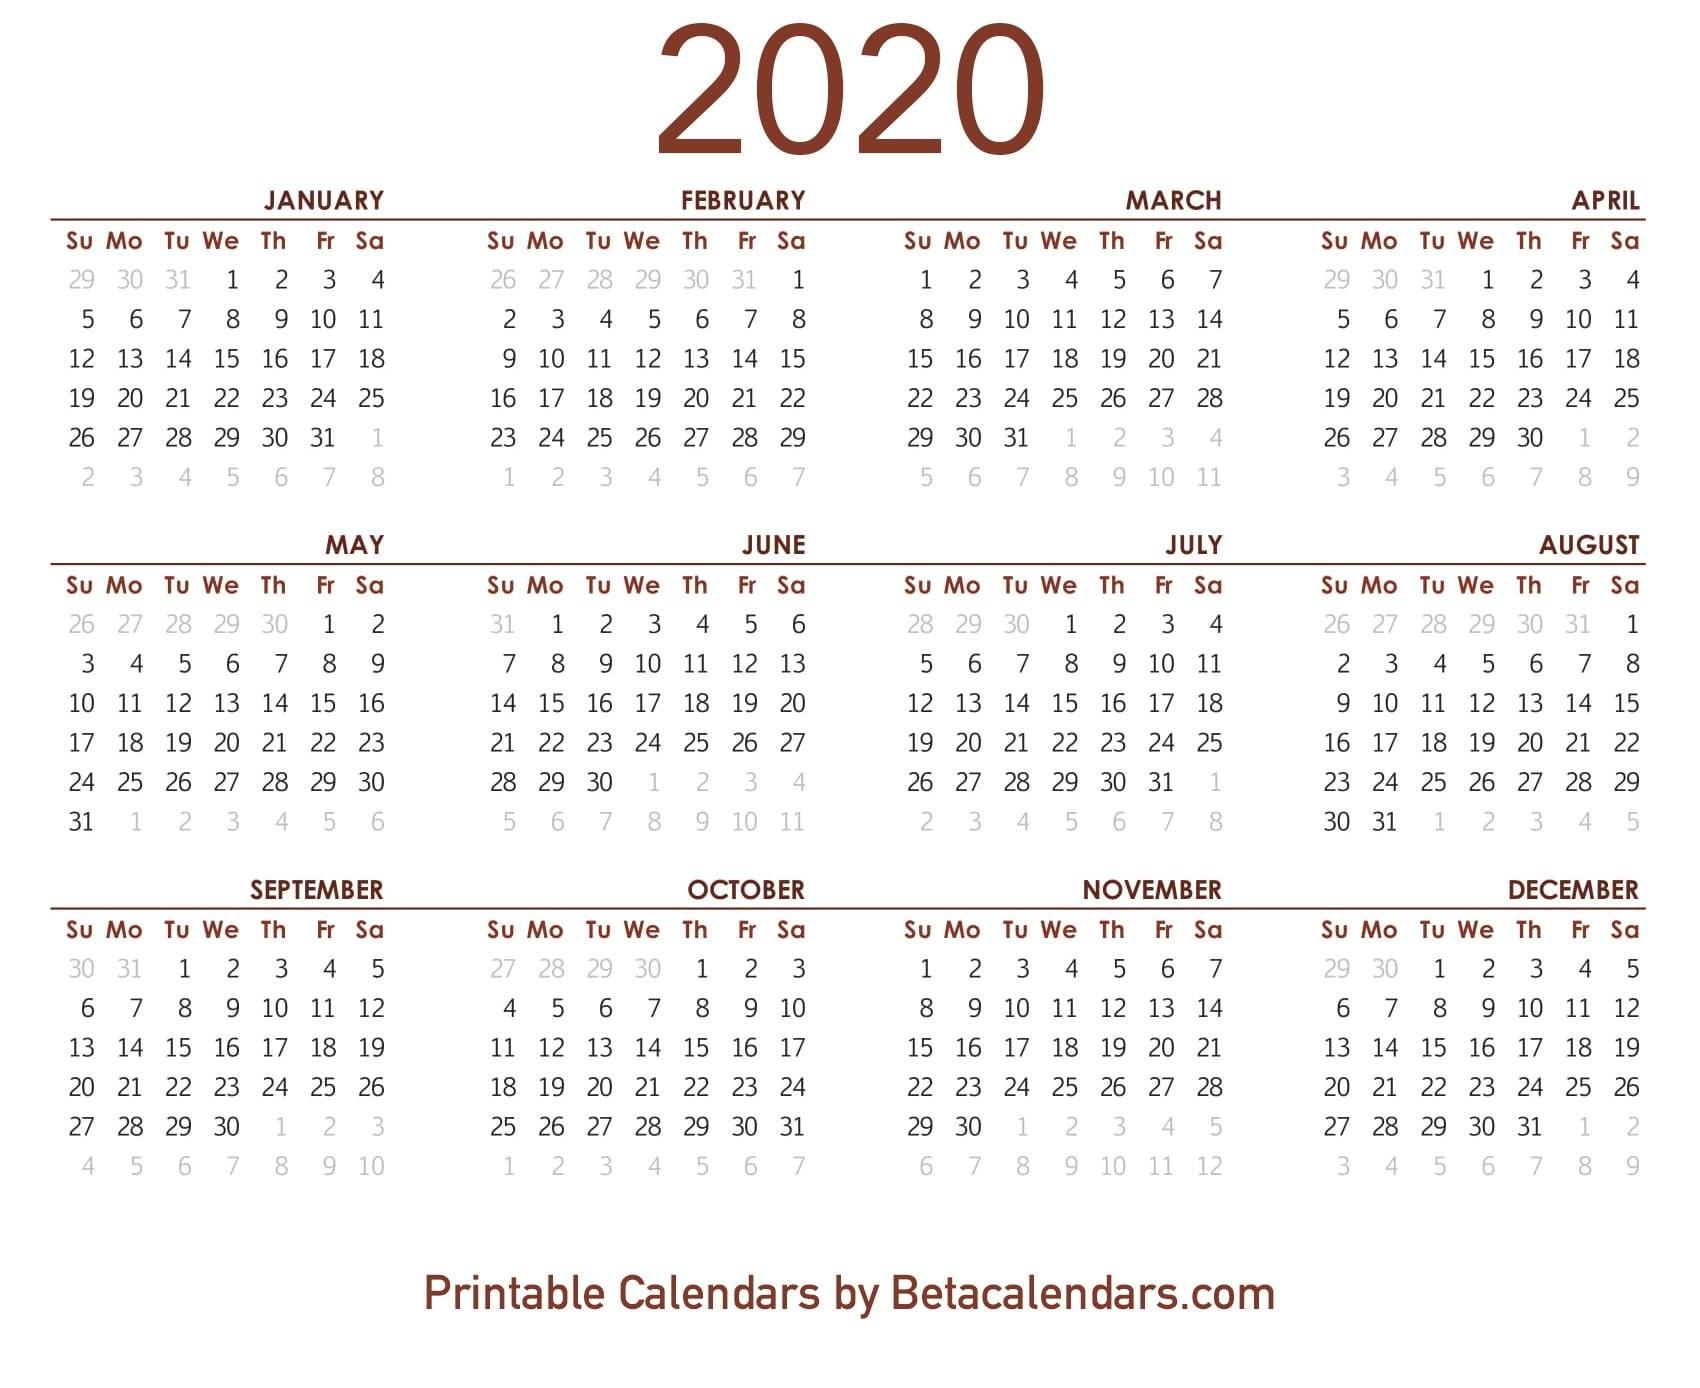 2020 Calendar - Beta Calendars  Calendar 2020 August-December